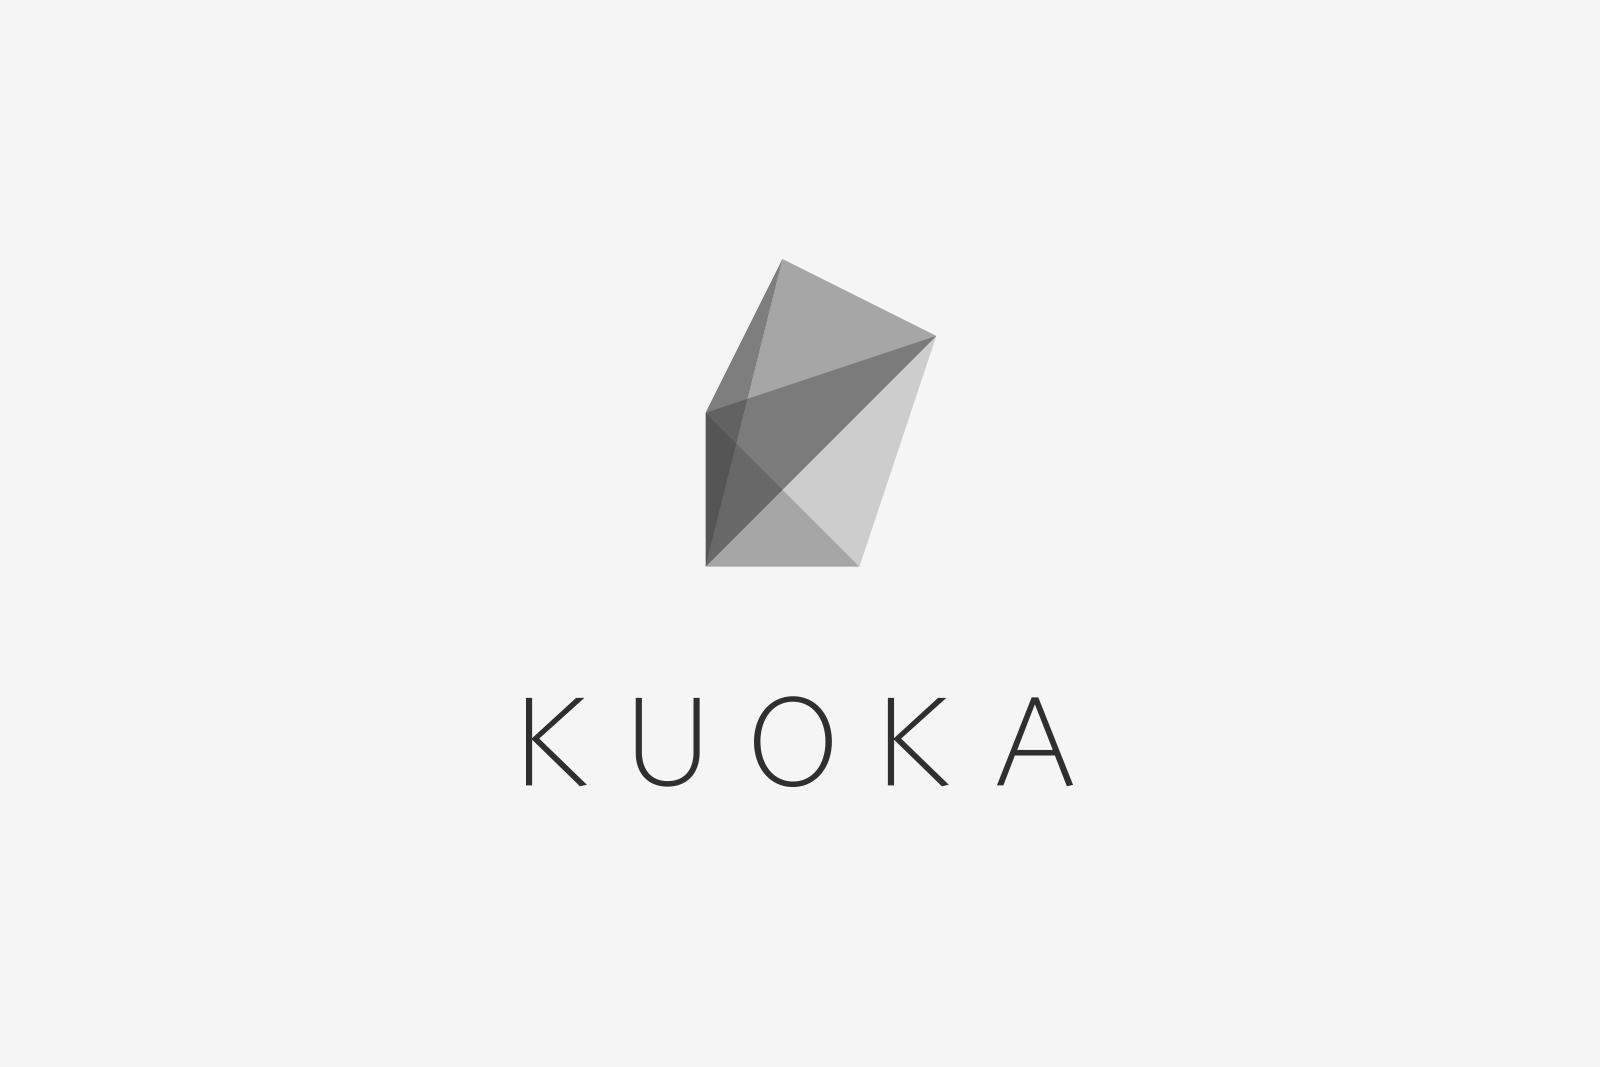 Logo Kuoka Bw